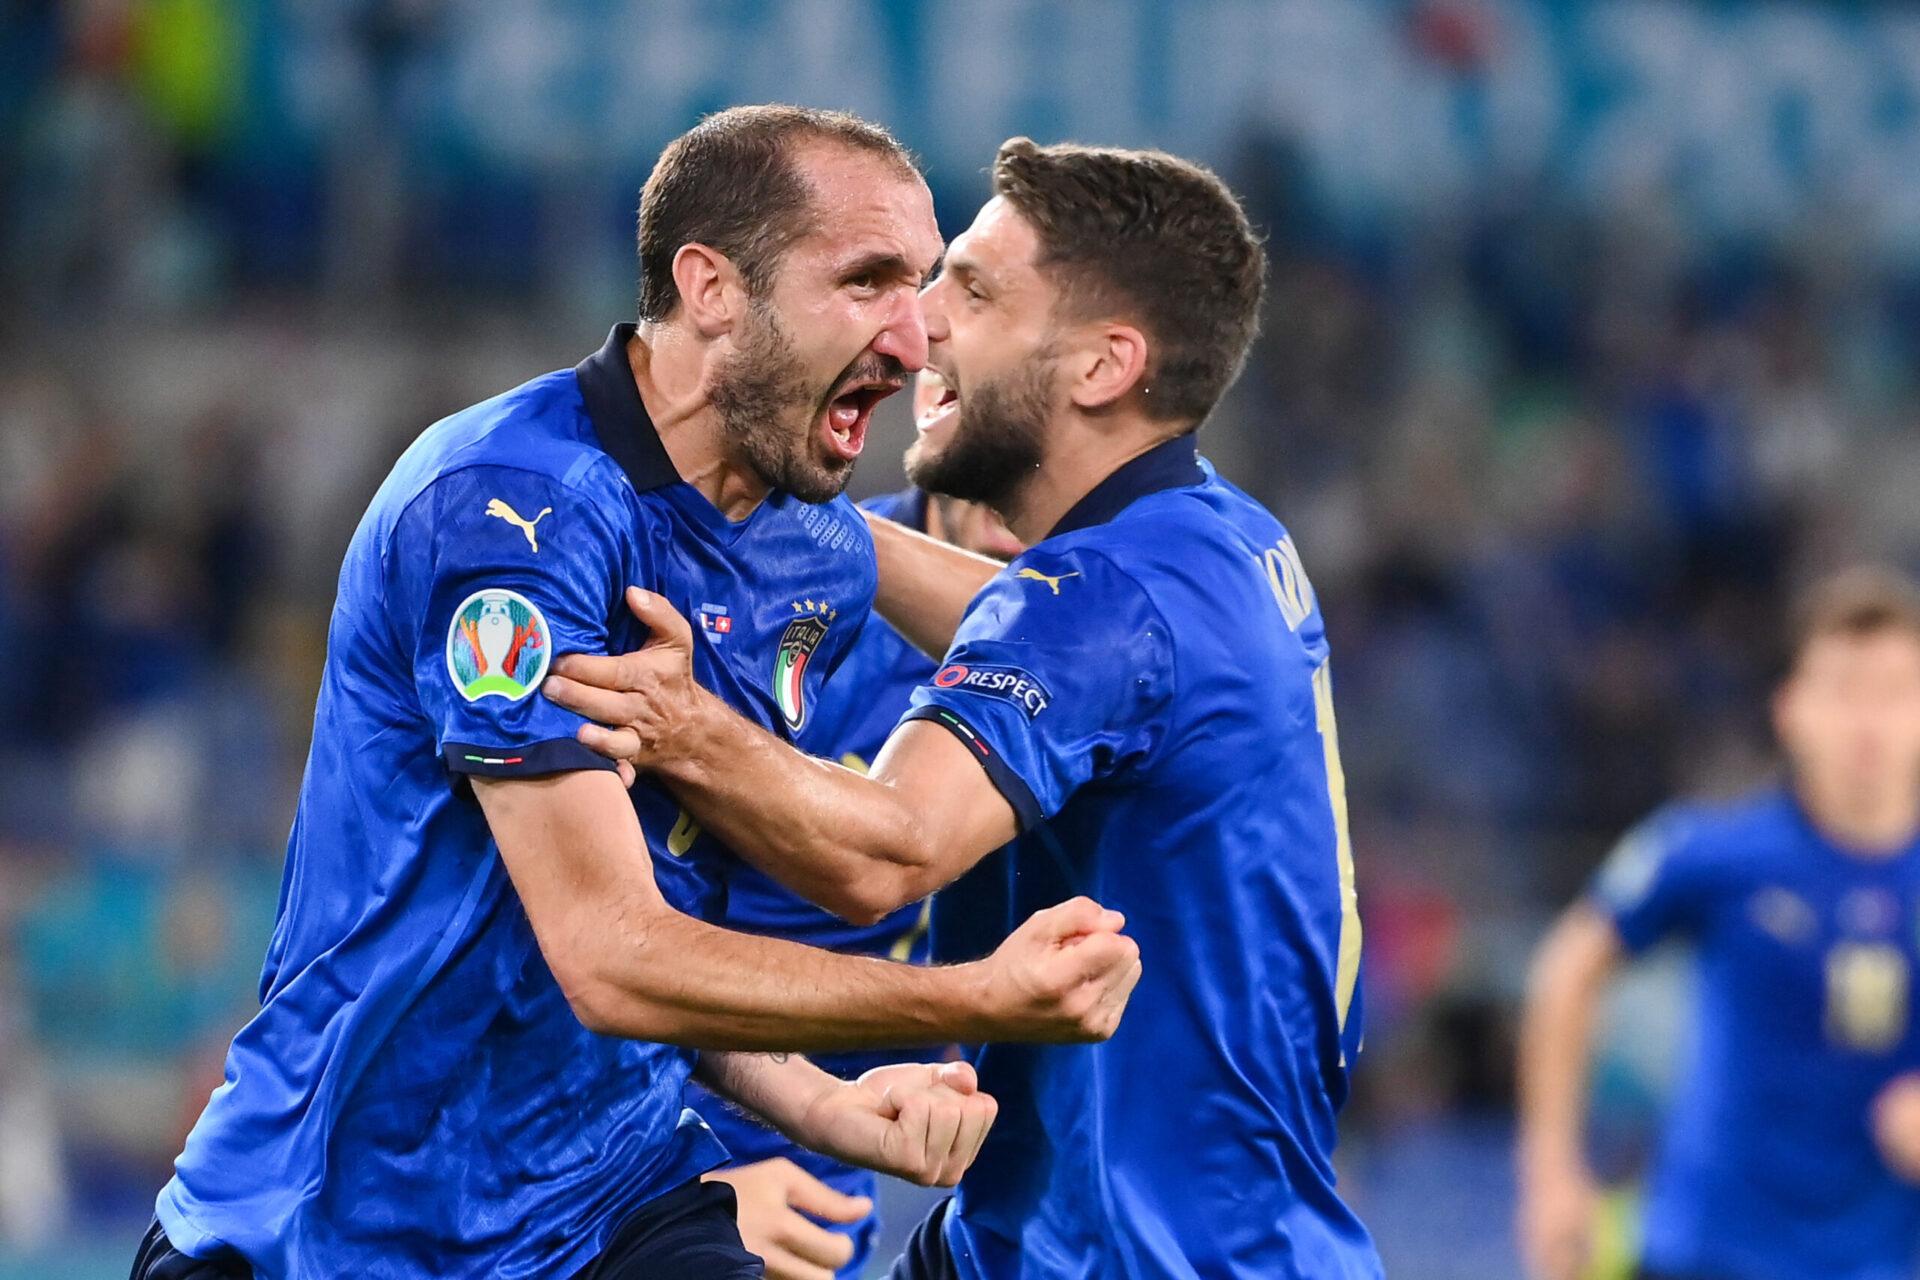 À la retombée d'un corner d'Insigne, Chiellini pensait donner l'avantage à l'Italie, avant que le VAR n'invalide le but après un contact entre le ballon et la main du capitaine (iconsport)